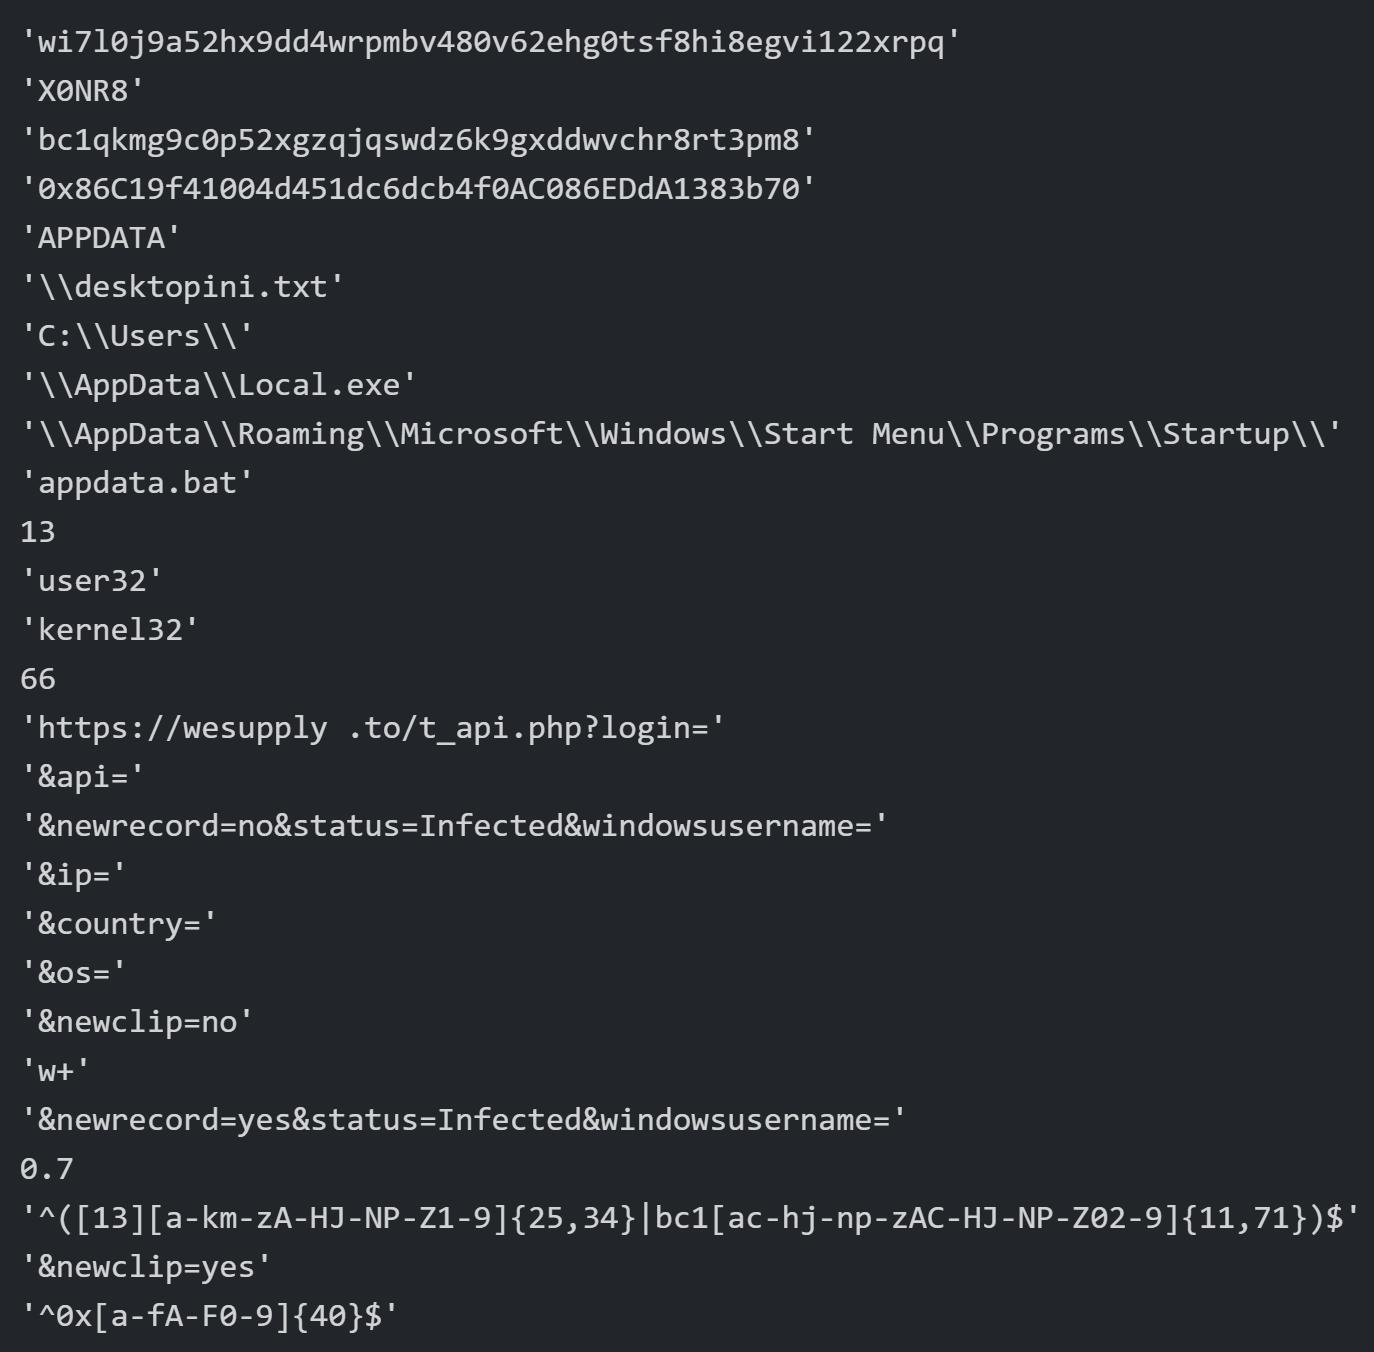 ここに示したようにBitcoinとEthereumウォレットのフォーマットを記述している具体的な正規表現は復号したWeStealサンプルで識別した定数から確認できる